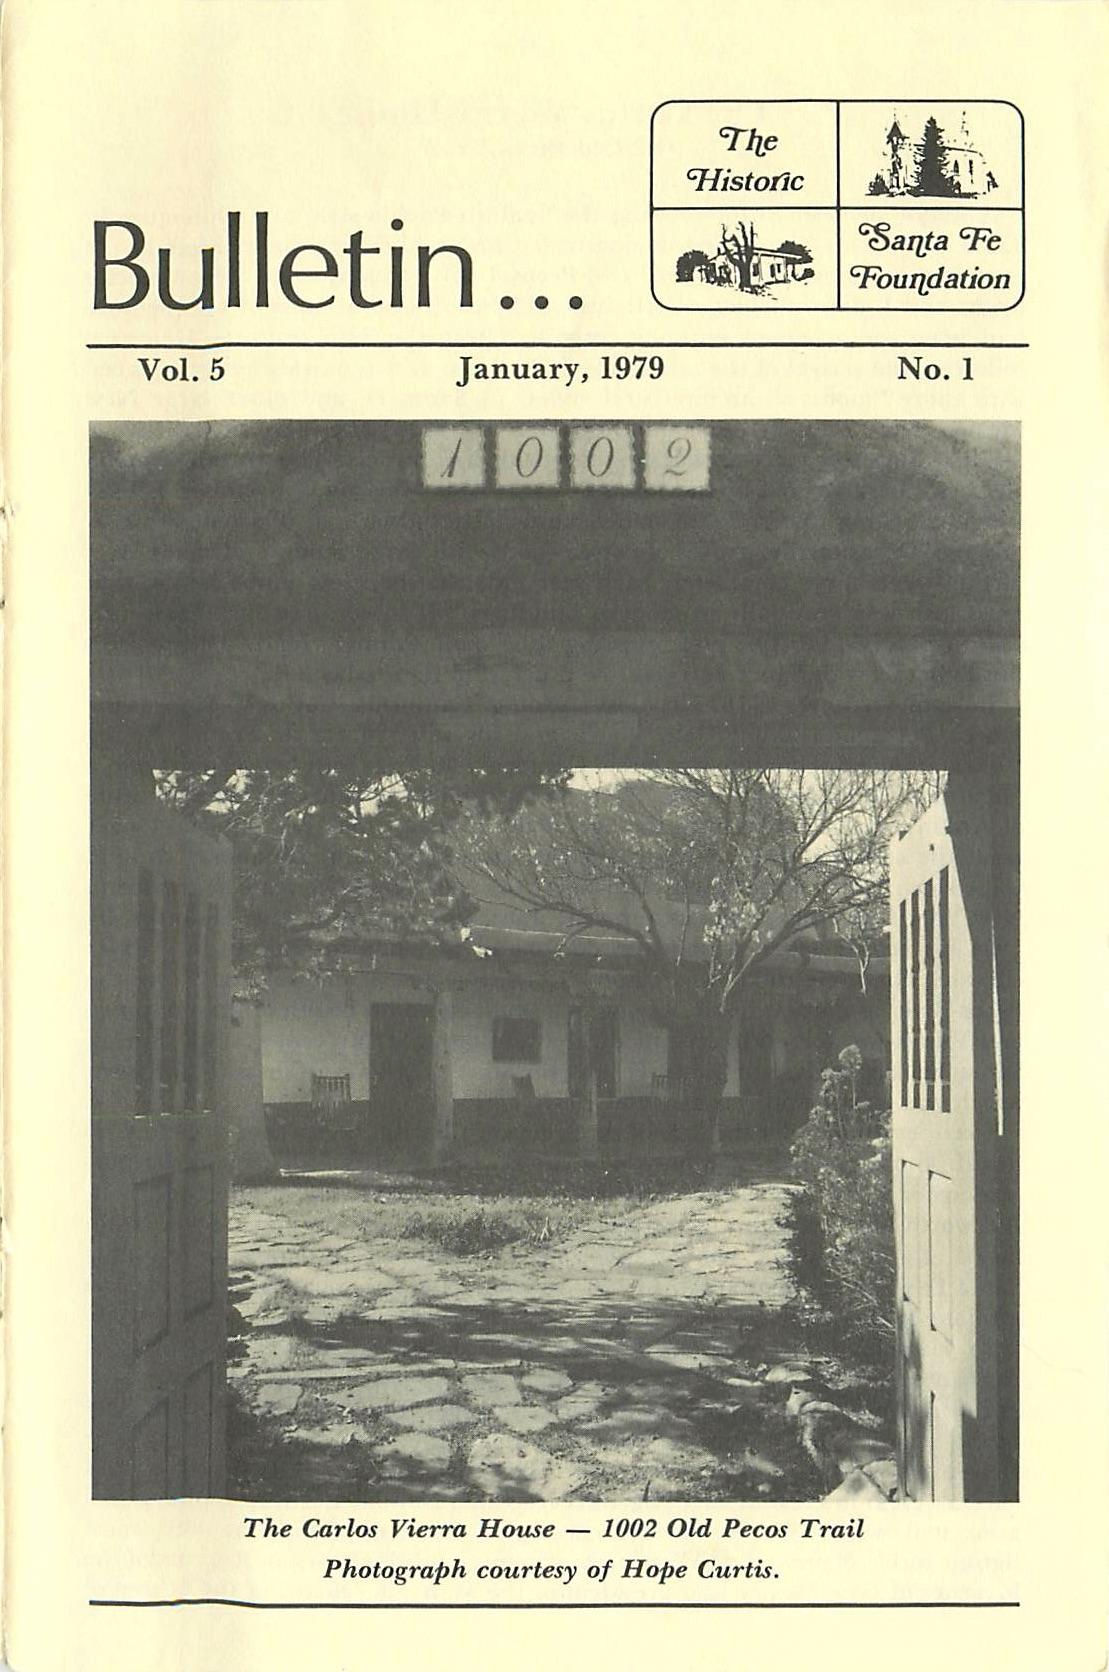 1979 HSFF Bulletin Vol.5 No.1 Cover